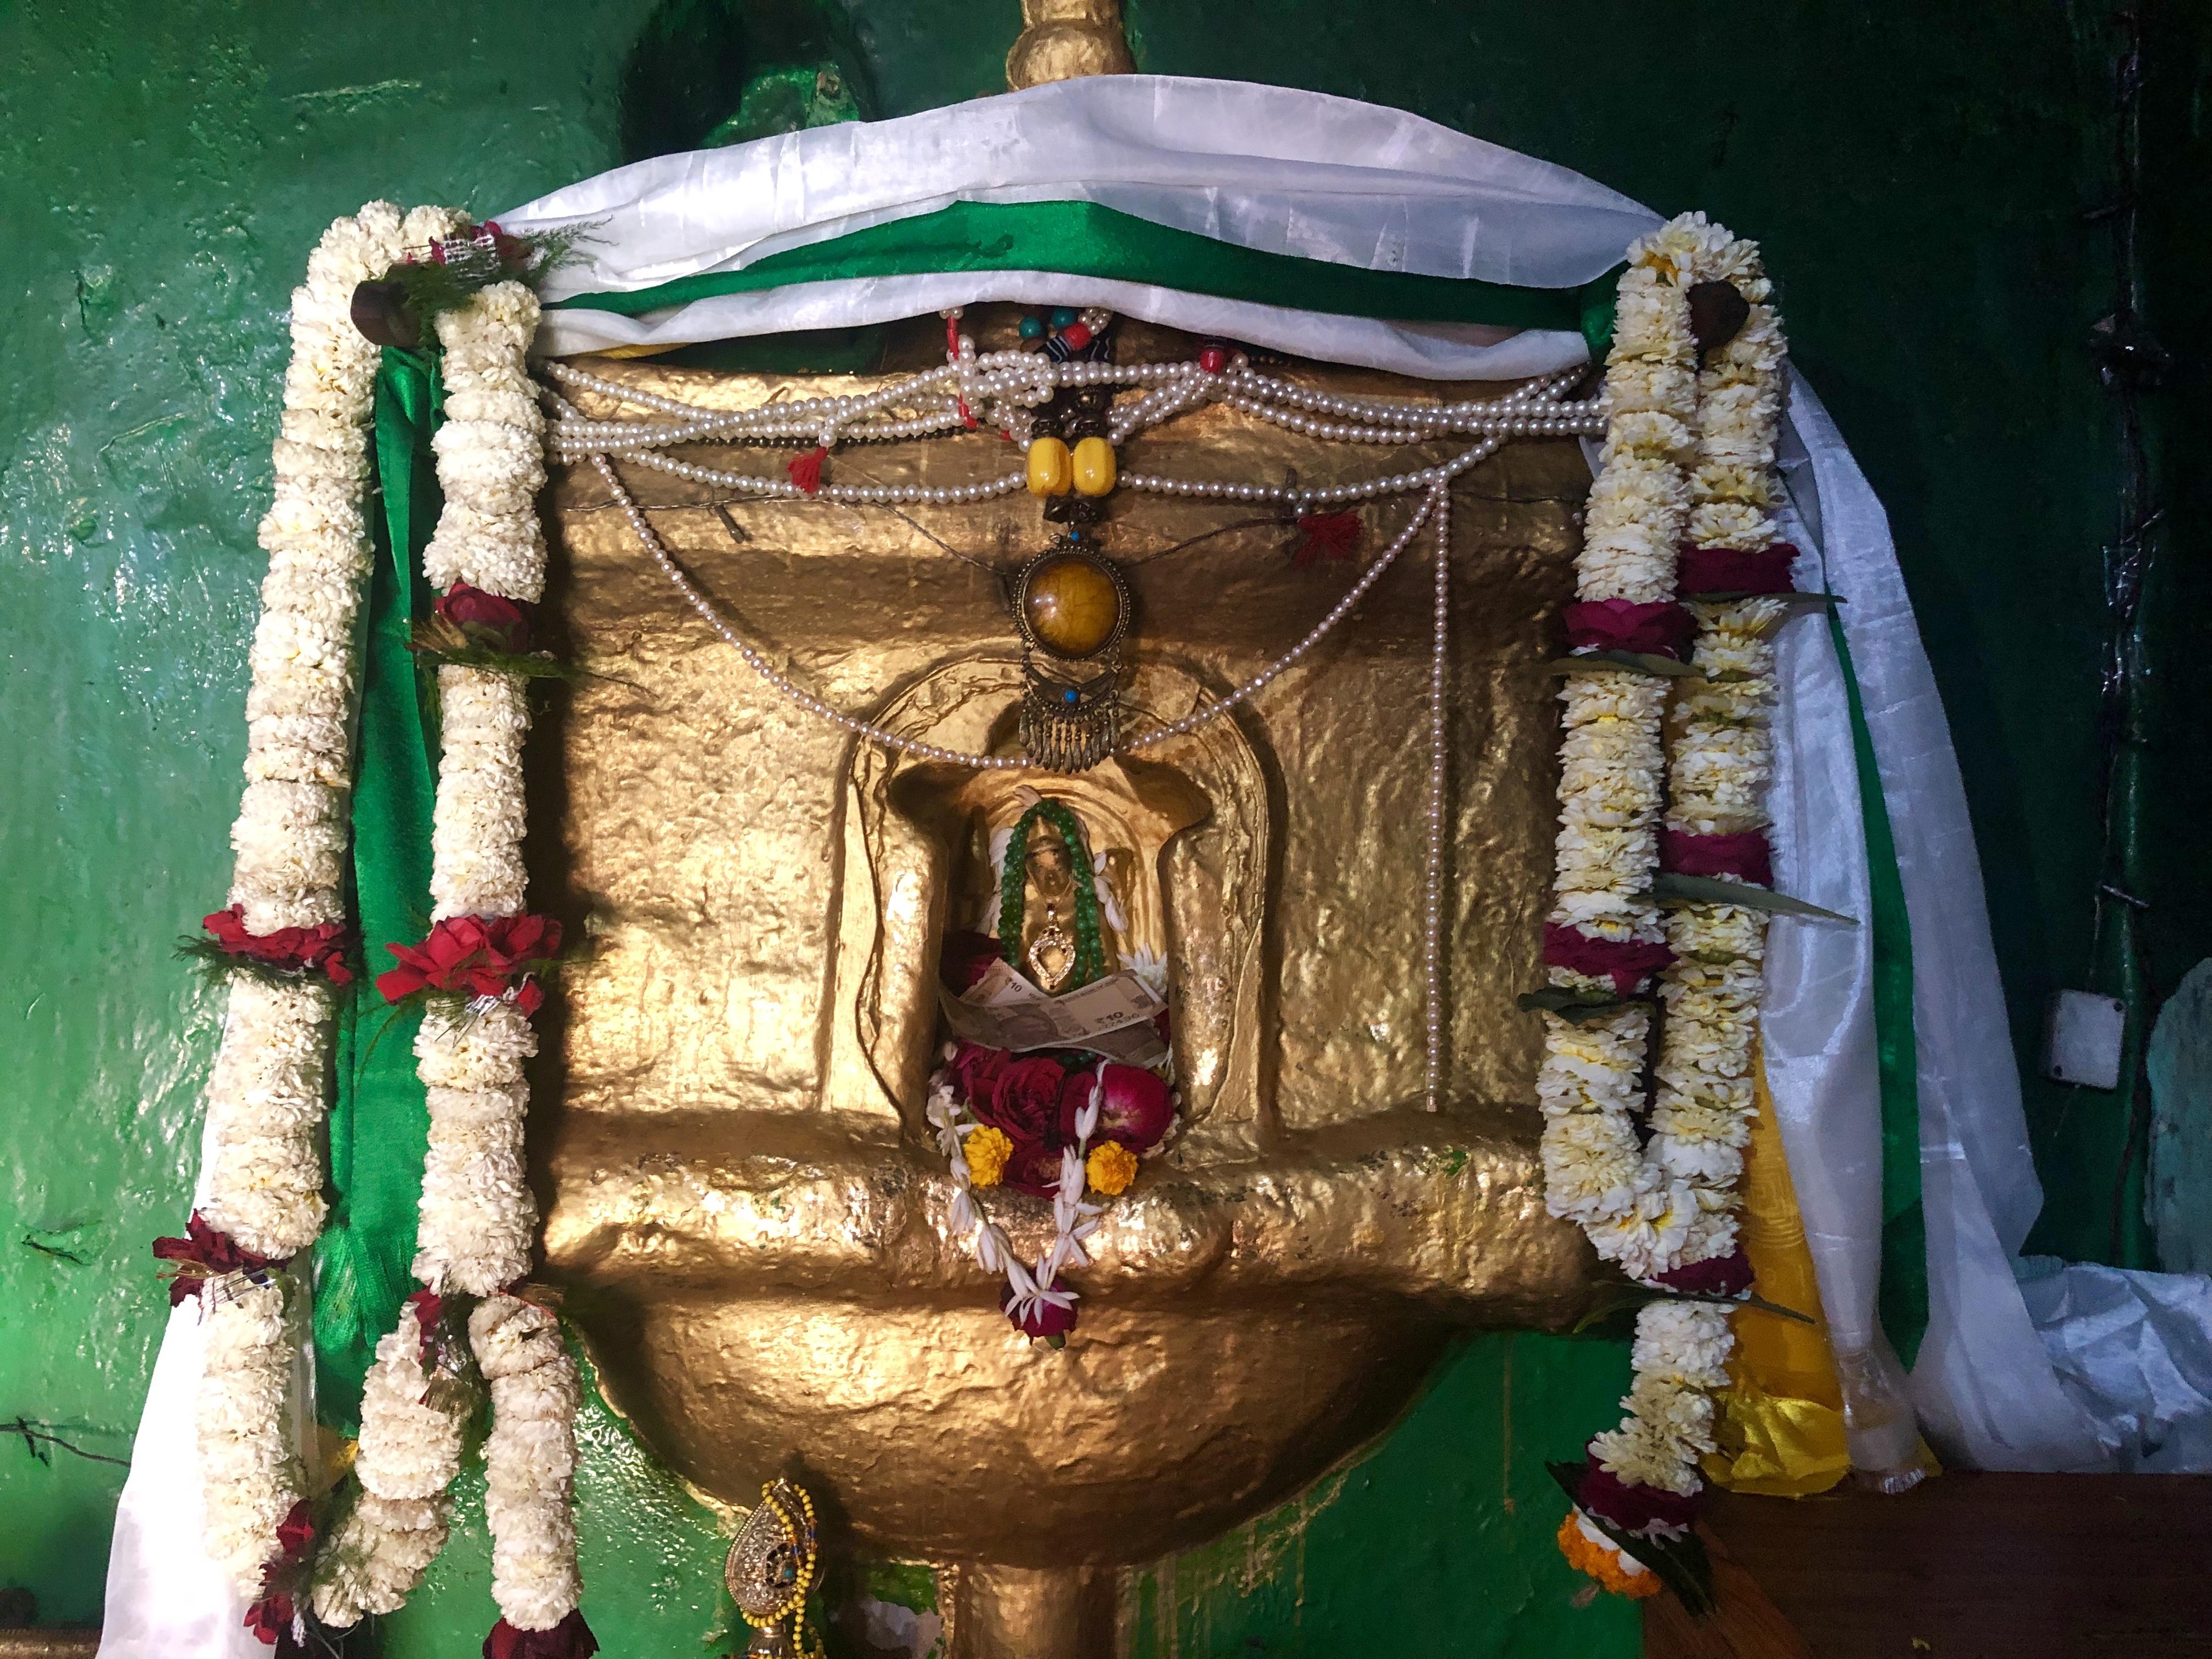 Tara Schrein. Es wird gesagt, das diese Tare mit Atisha gesprochen hat. Rigpa Gebetsfest, März 2019, Bodhgaya (Indien)